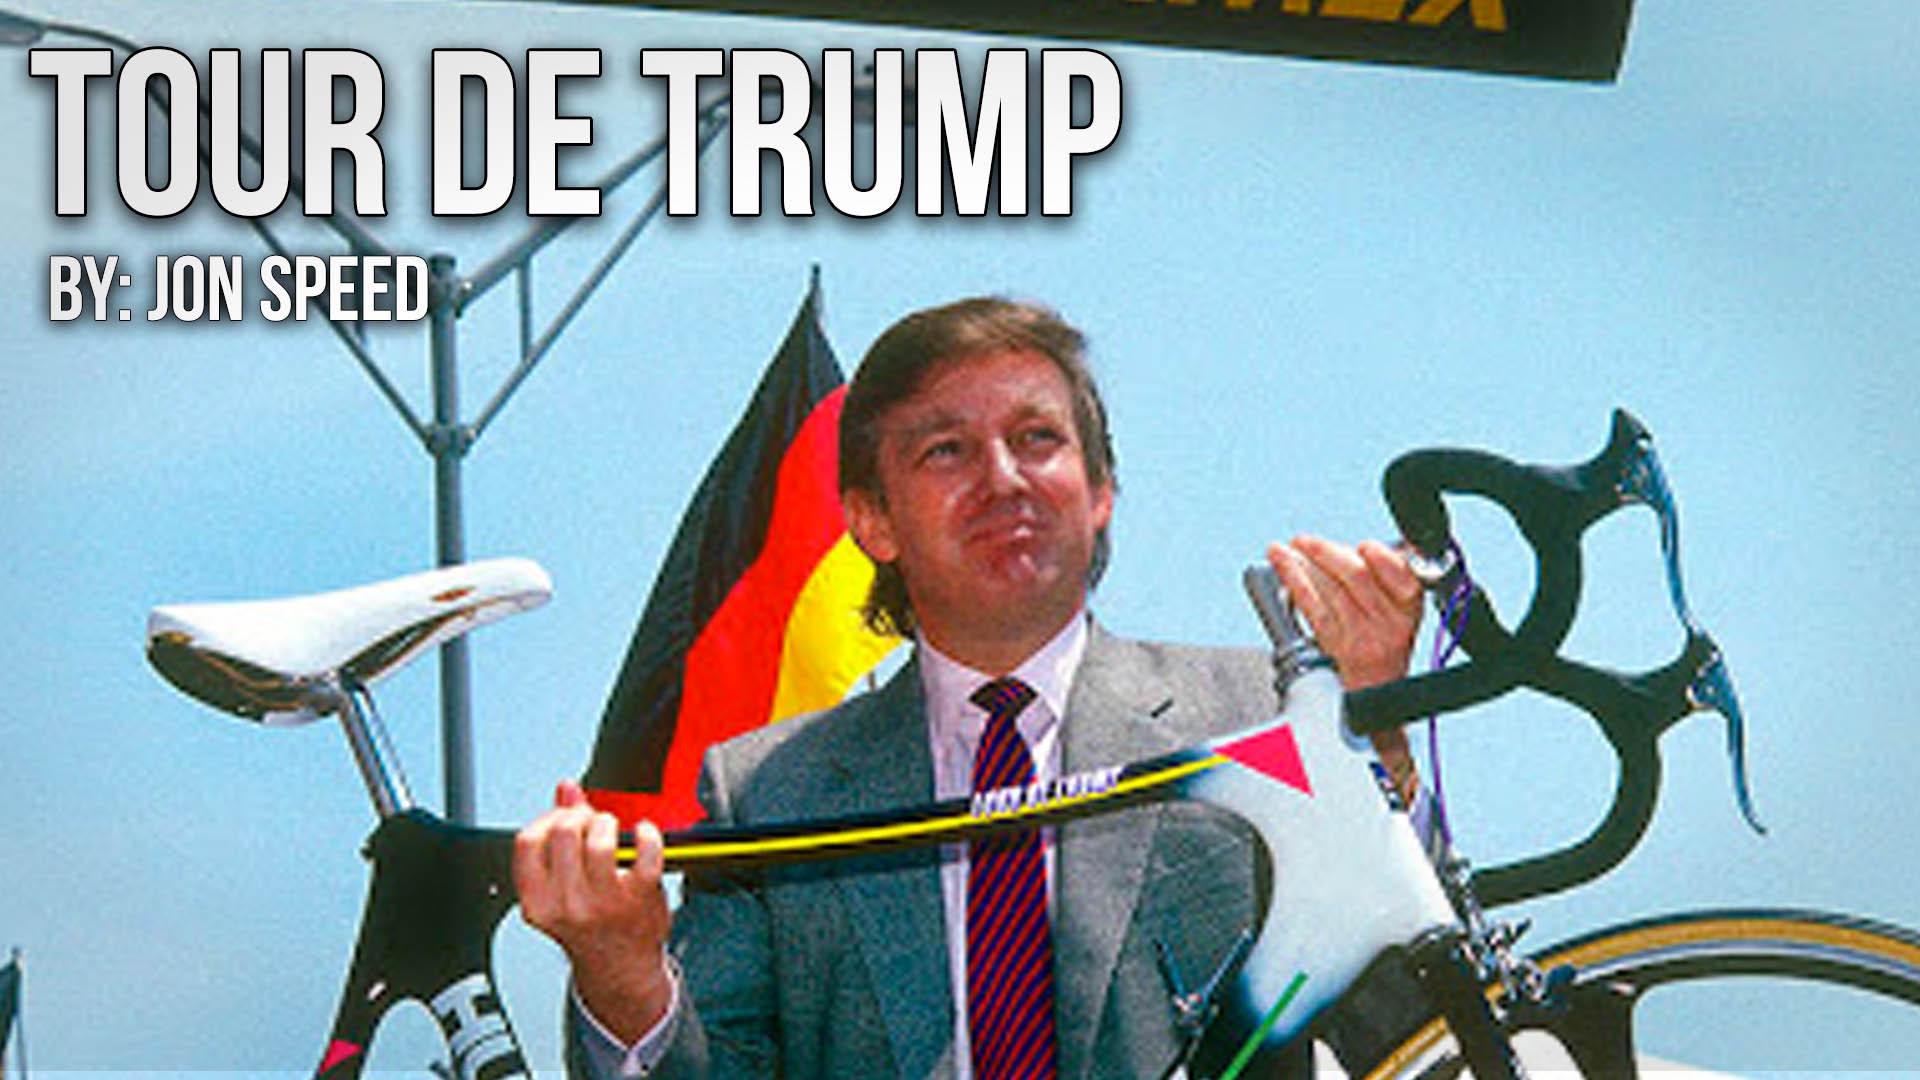 The Tour de Trump